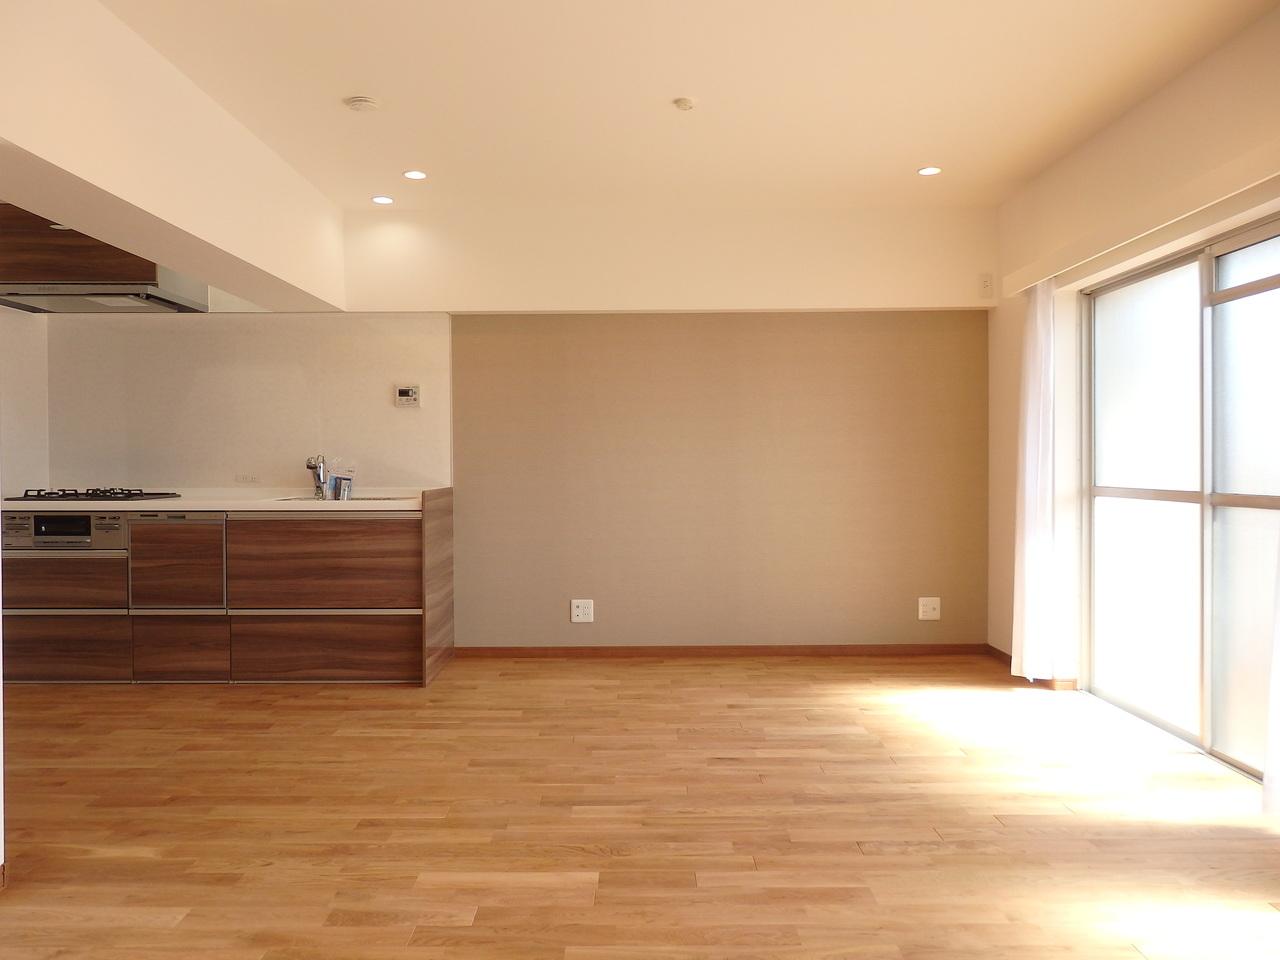 ゆとりある広さの部屋を選ぼう。名古屋・60㎡以上の1LDK~3LDKのお部屋まとめ